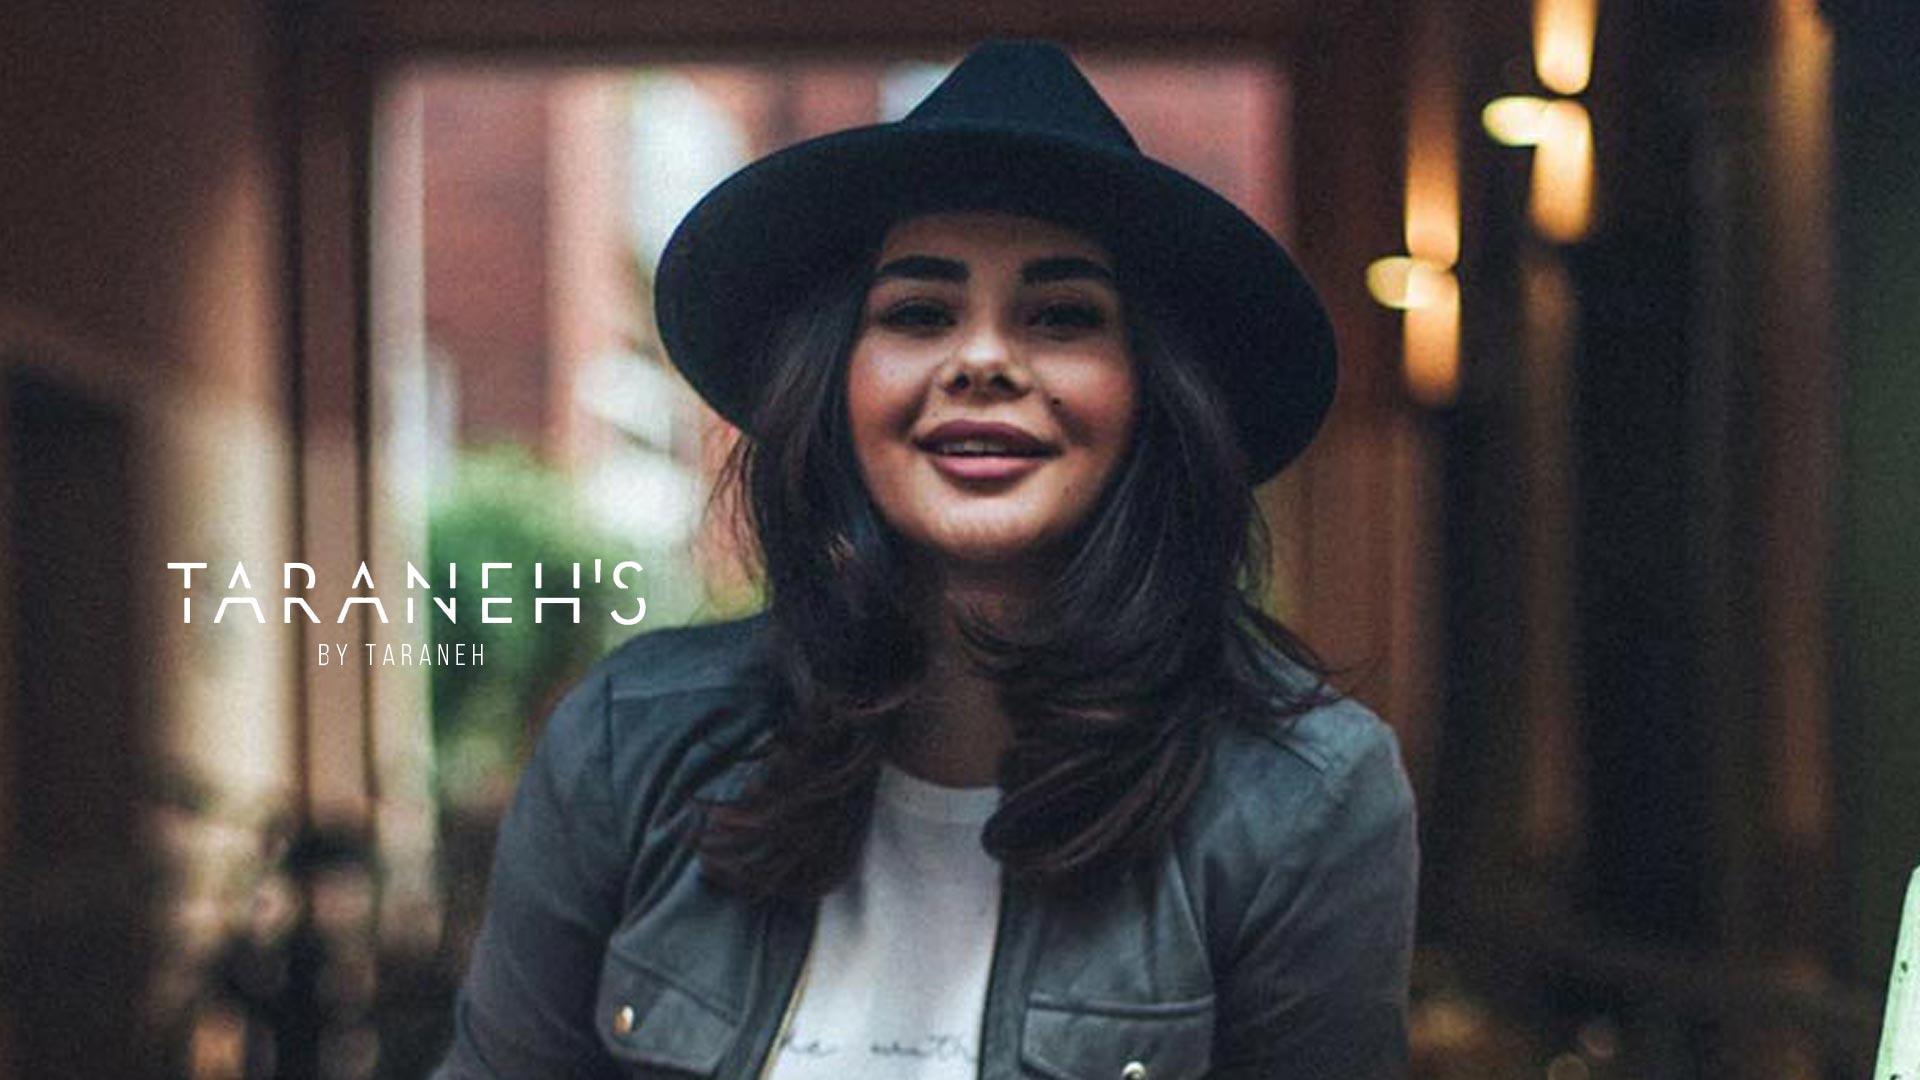 Taraneh - Instagram Star und Modeschöpferin